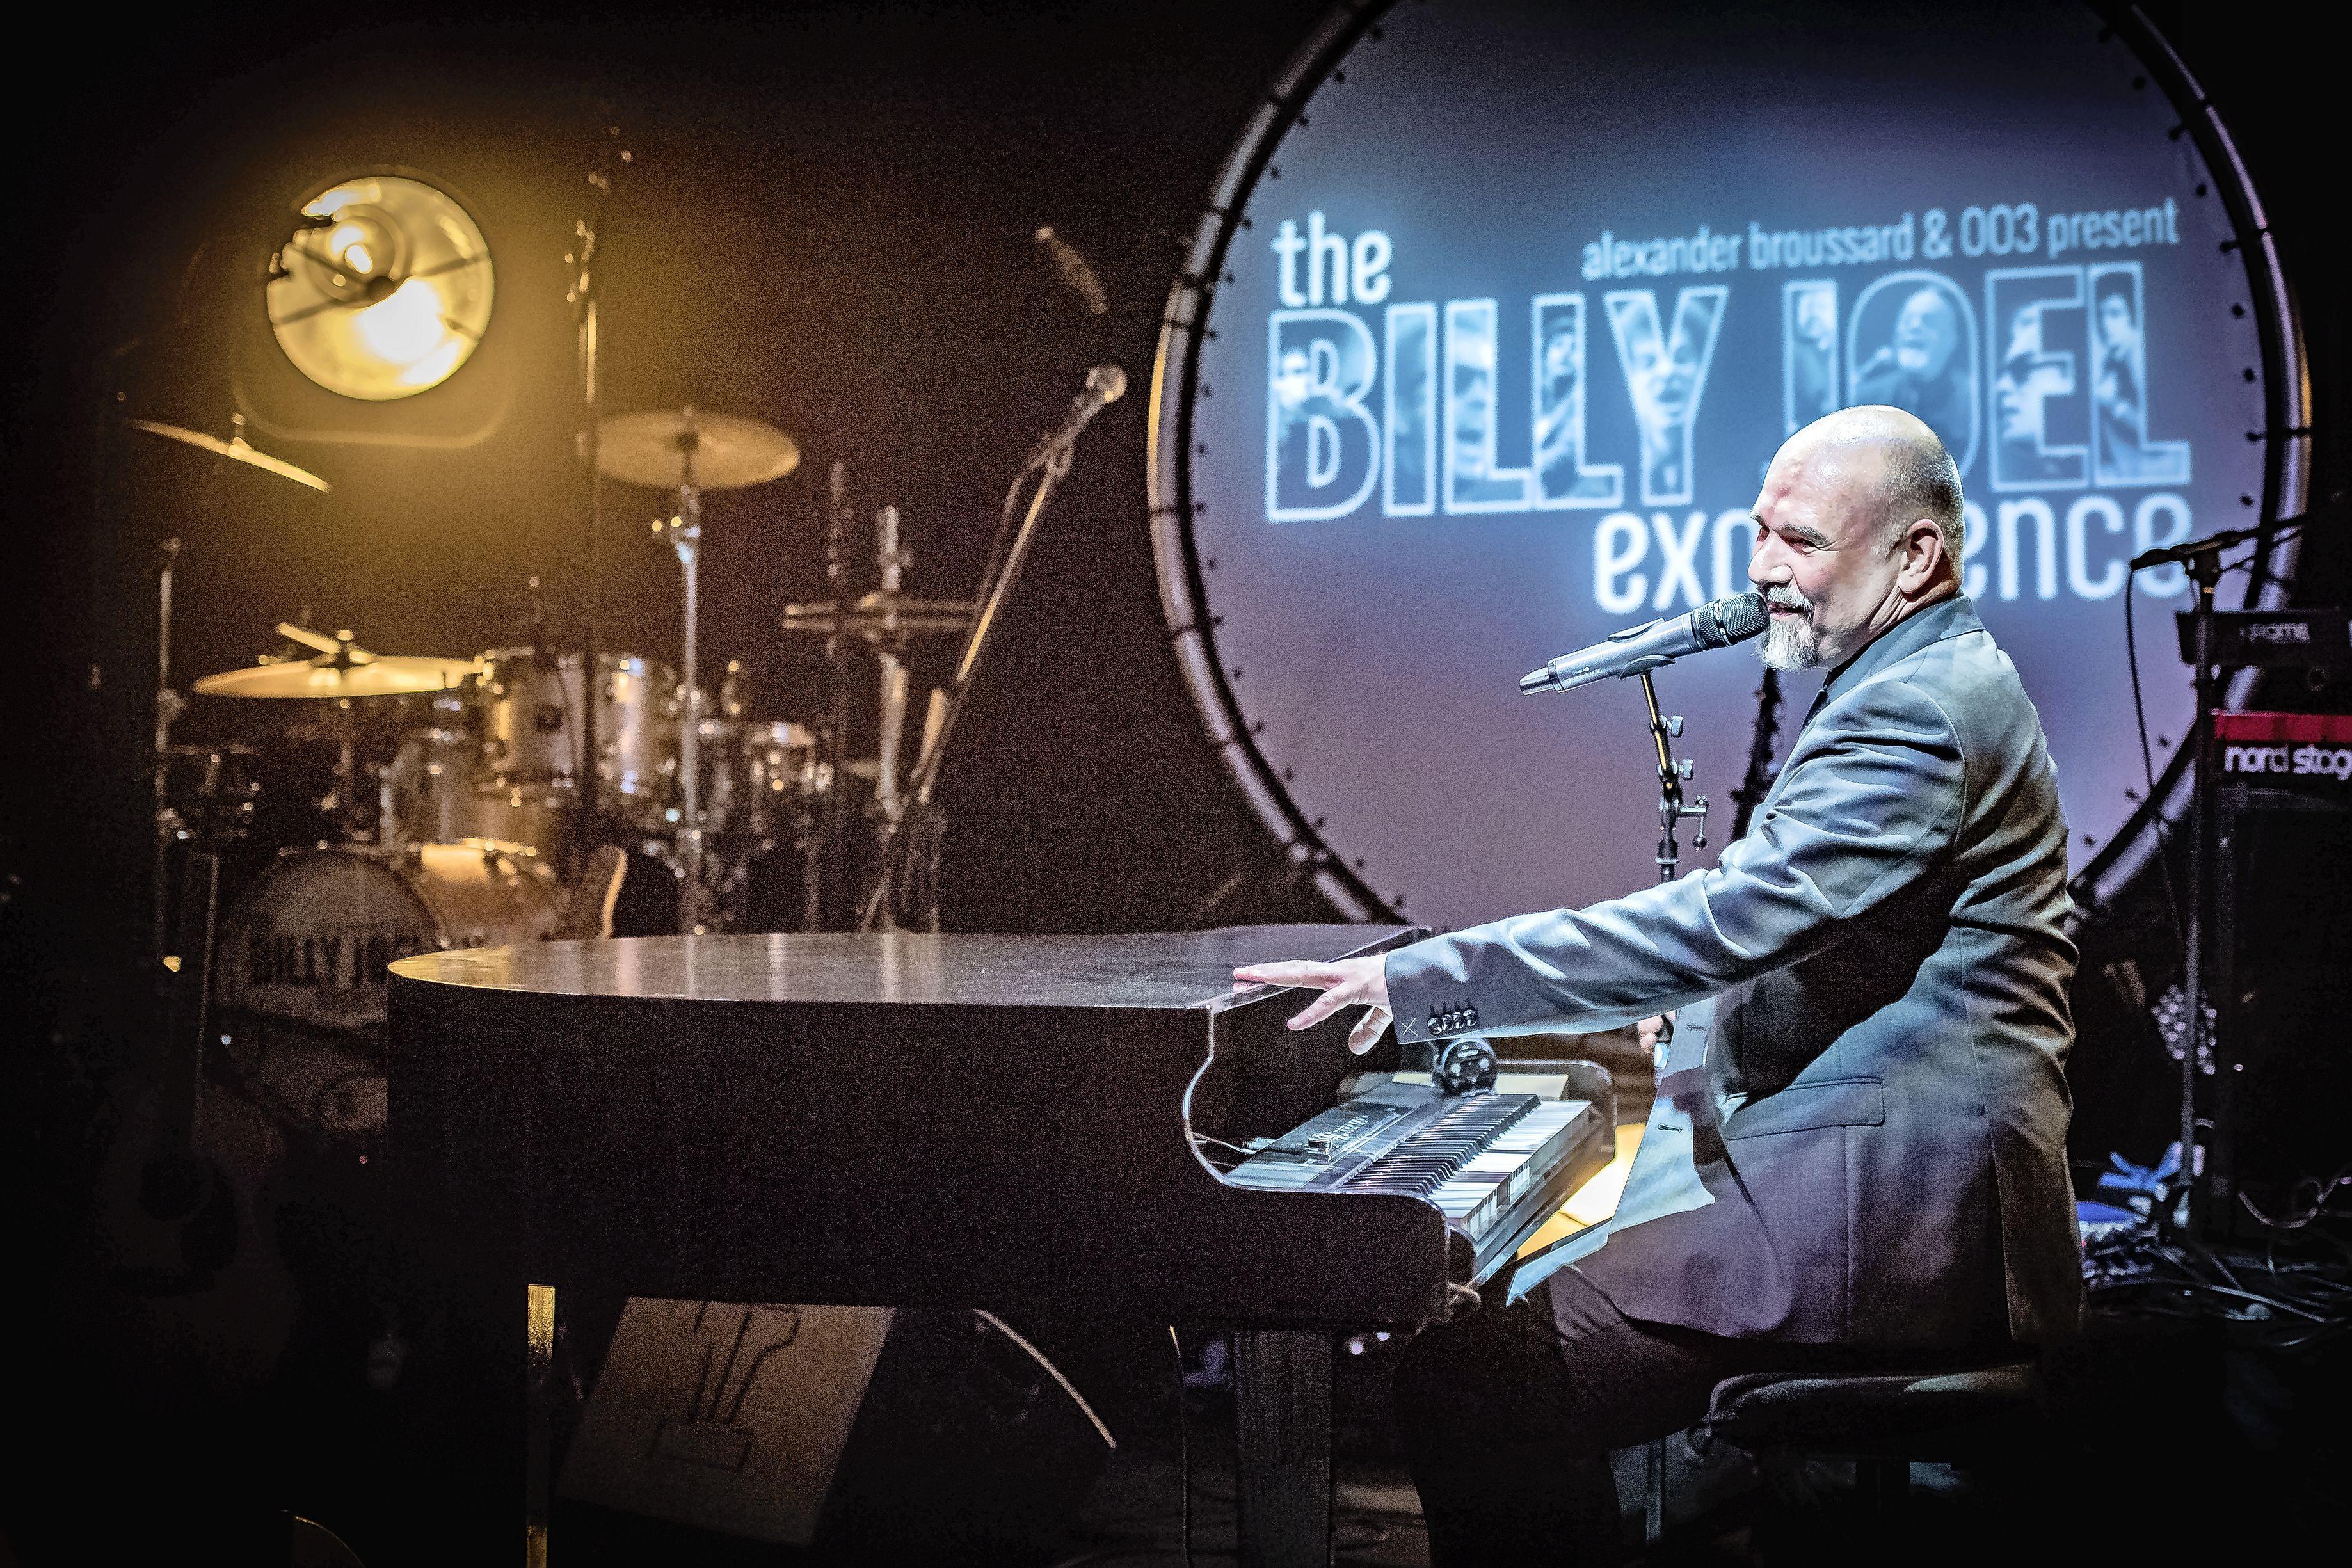 Koogse pianist Alexander Broussard toert het land door met 'warme Elvis', 'chilling Bowie' en 'rauwe Janis': hij maakte in coronatijd tien verschillende shows